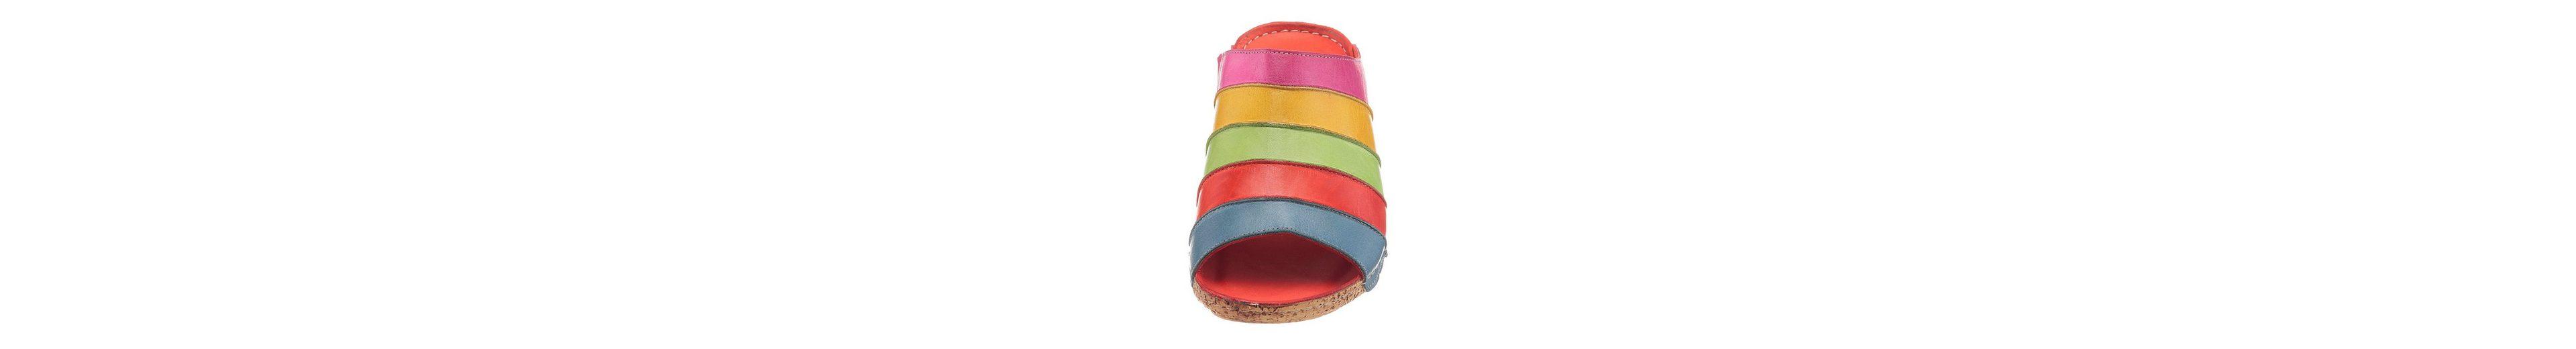 Gemini Keilpantolette, mit modischem Farbverlauf